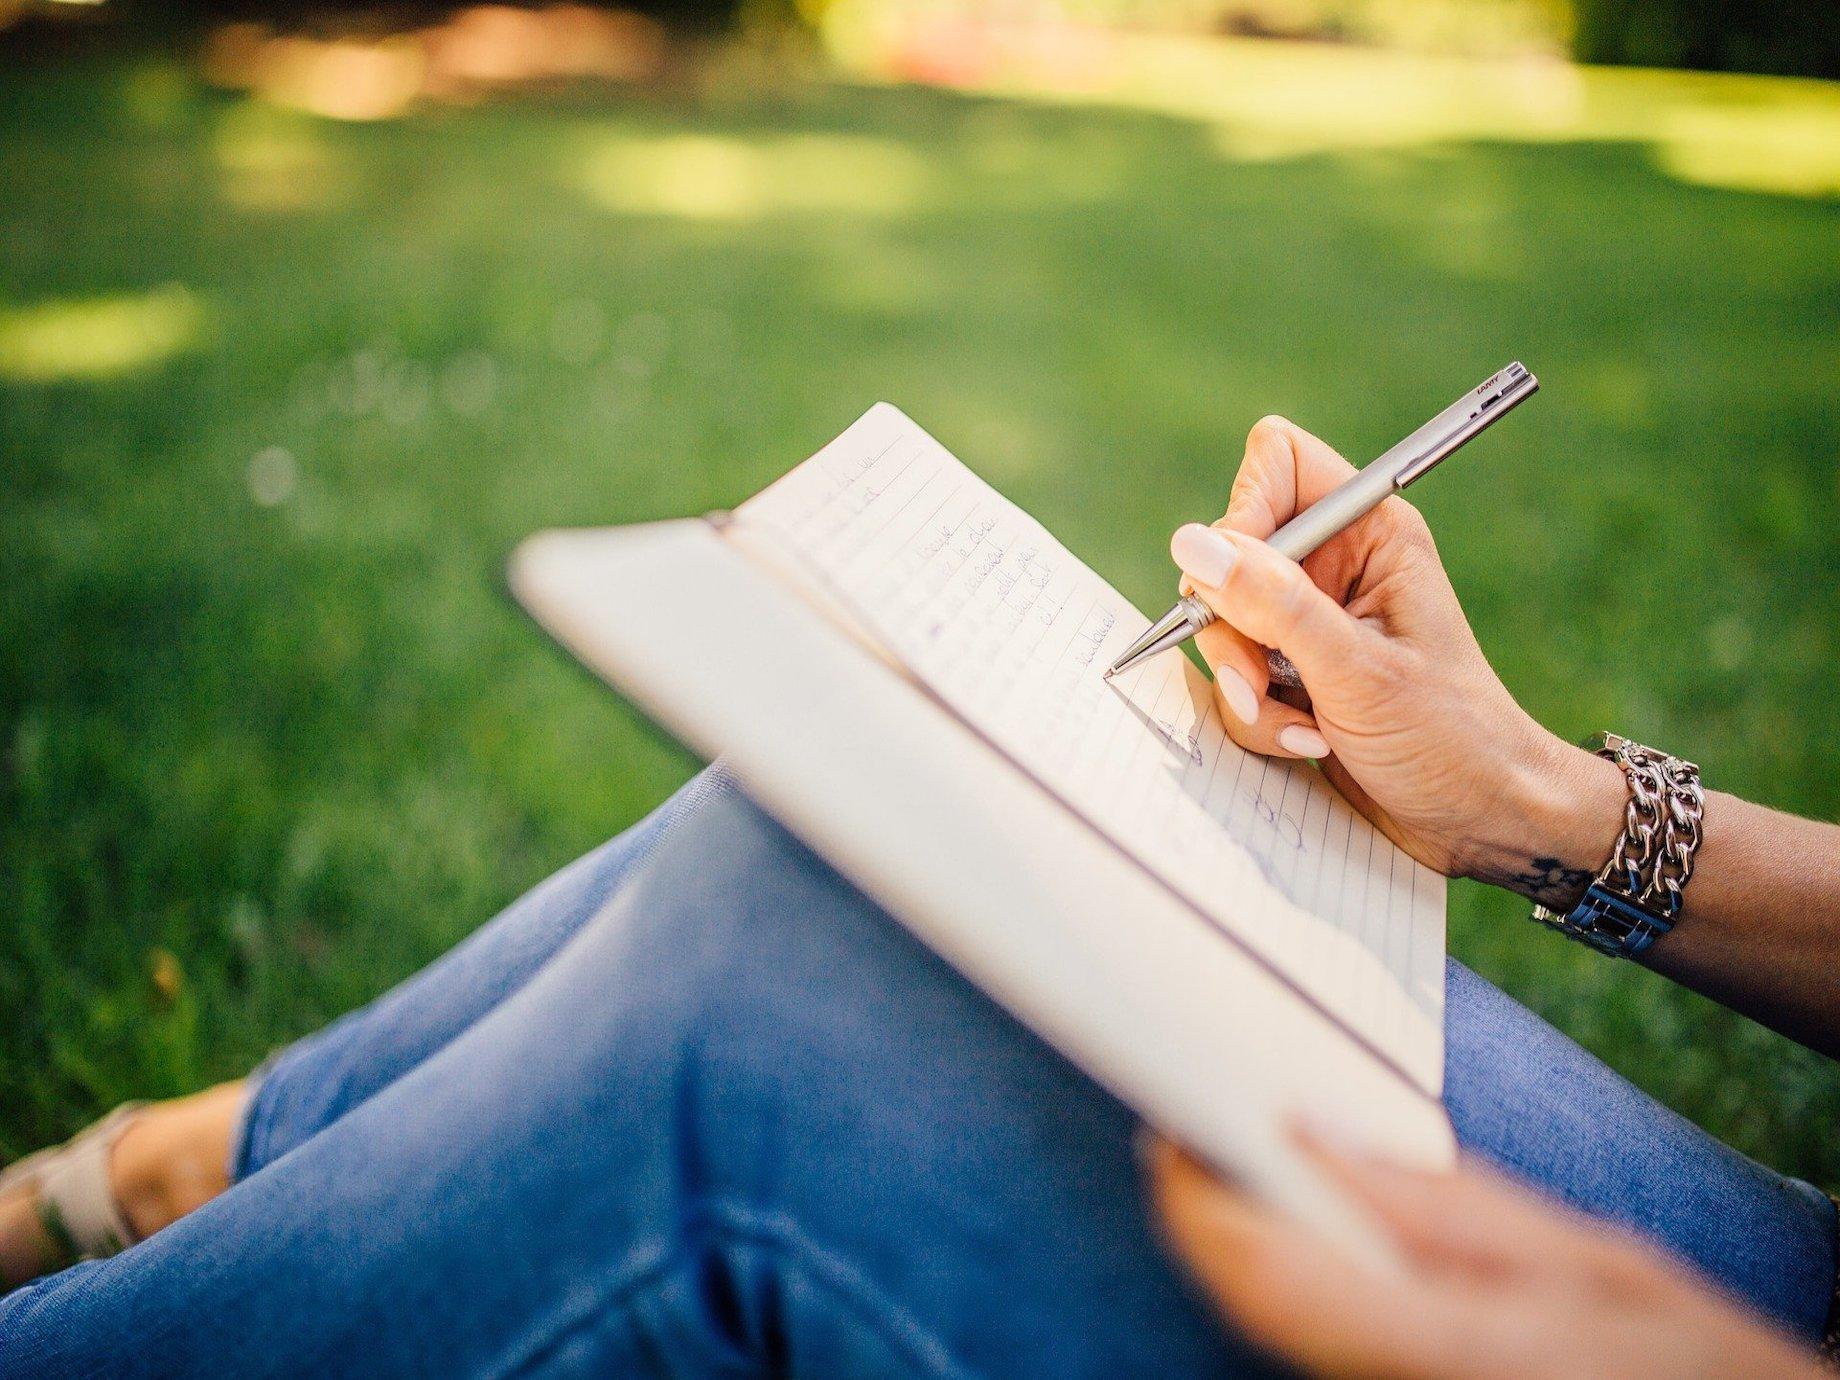 好的結尾讓文章更有說服力!結尾撰寫2方法,演講、寫作、專案報告通通適用!